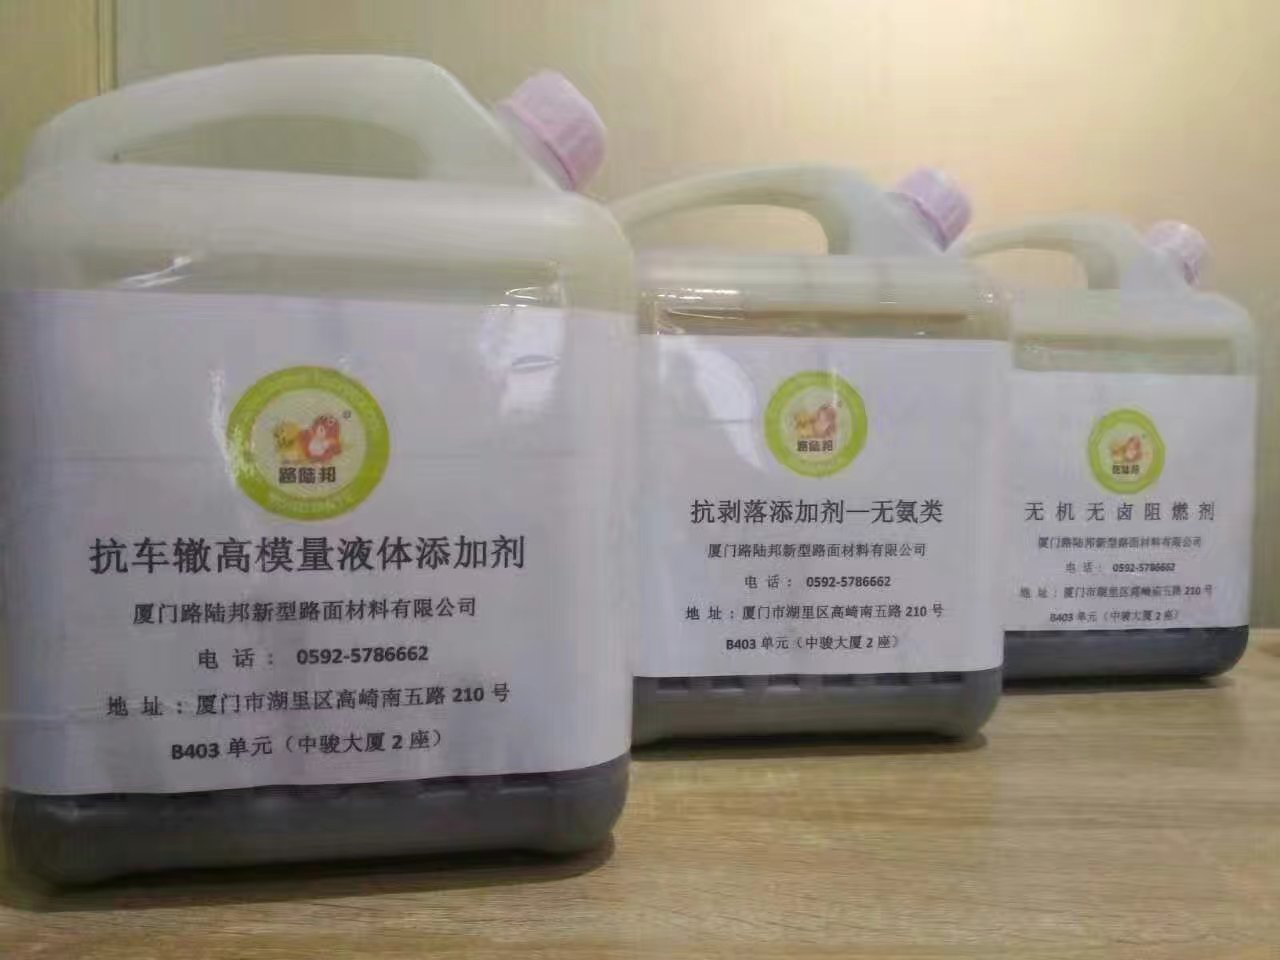 三明冷拌冷铺沥清混合料-在哪里能买到好用的沥青添加剂